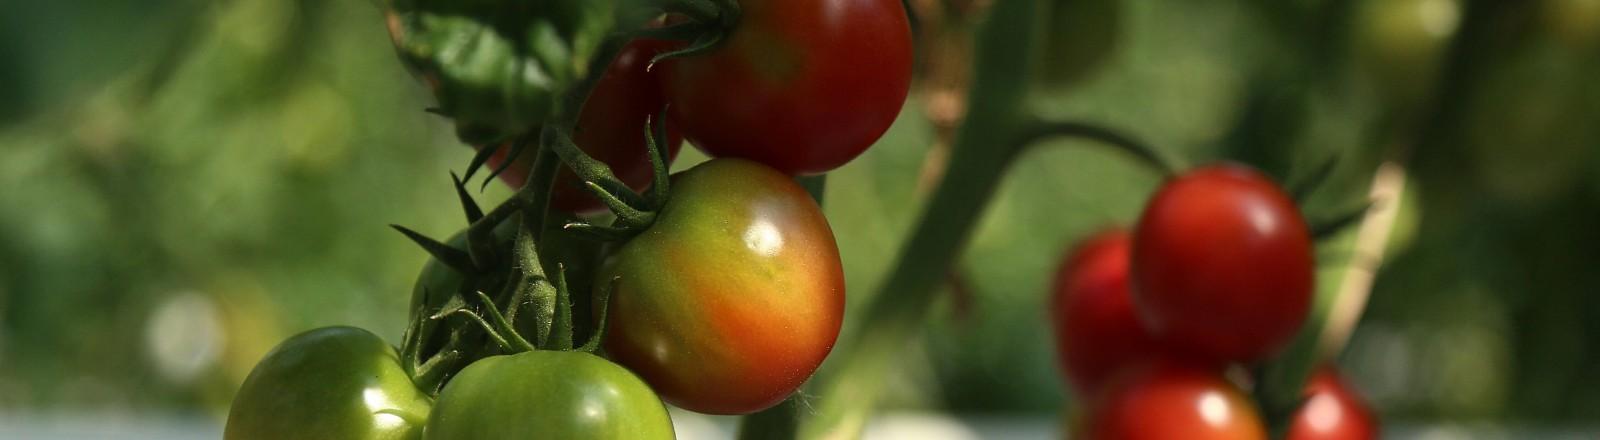 Tomatenanbau auf einer Plantage in Russland.